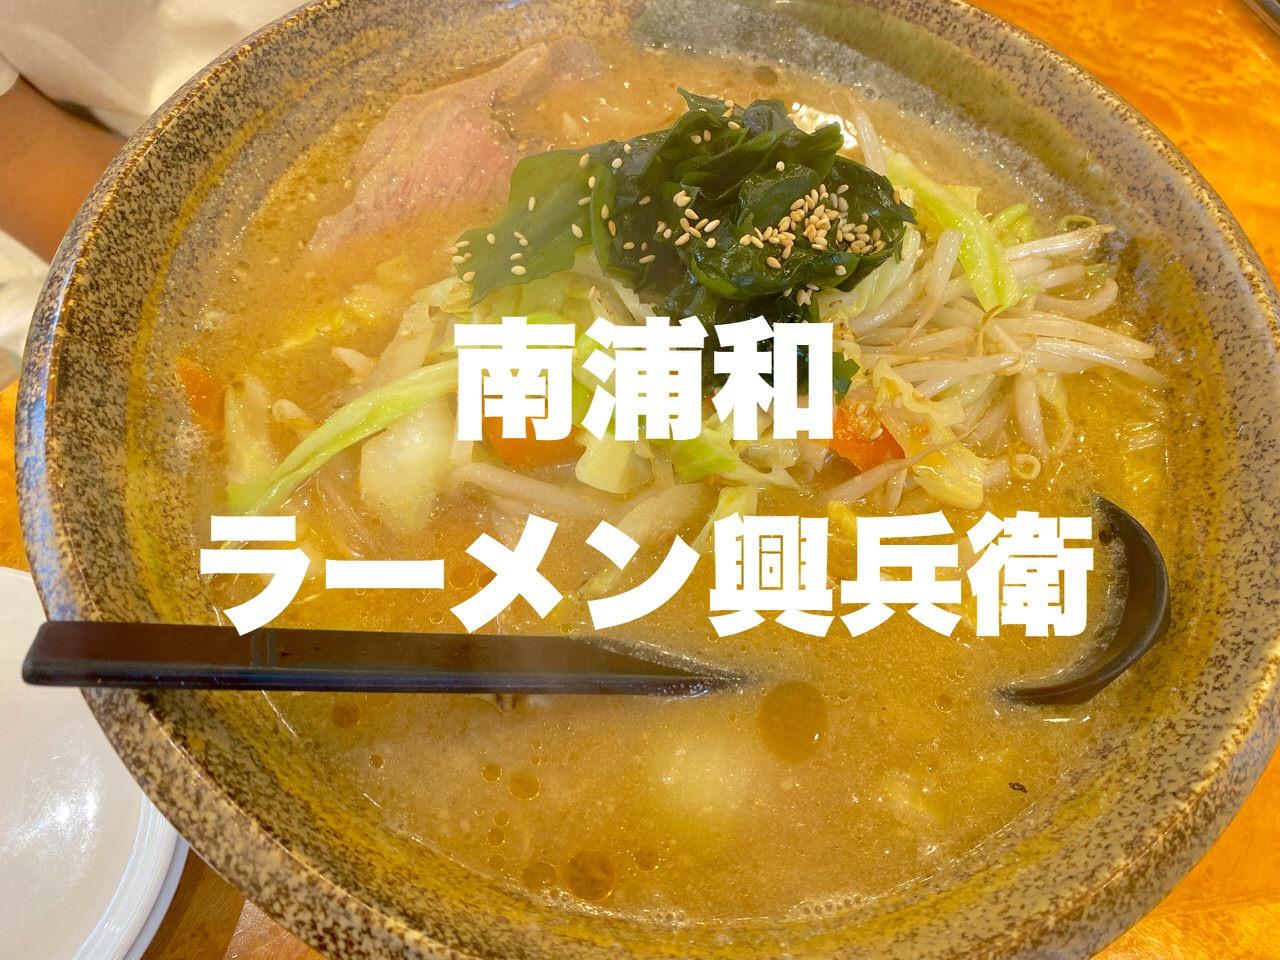 「興兵衛(こうべえ)」丁寧な仕事で野菜たっぷり大盛なラーメンと巨大な餃子のラーメン店(南浦和)